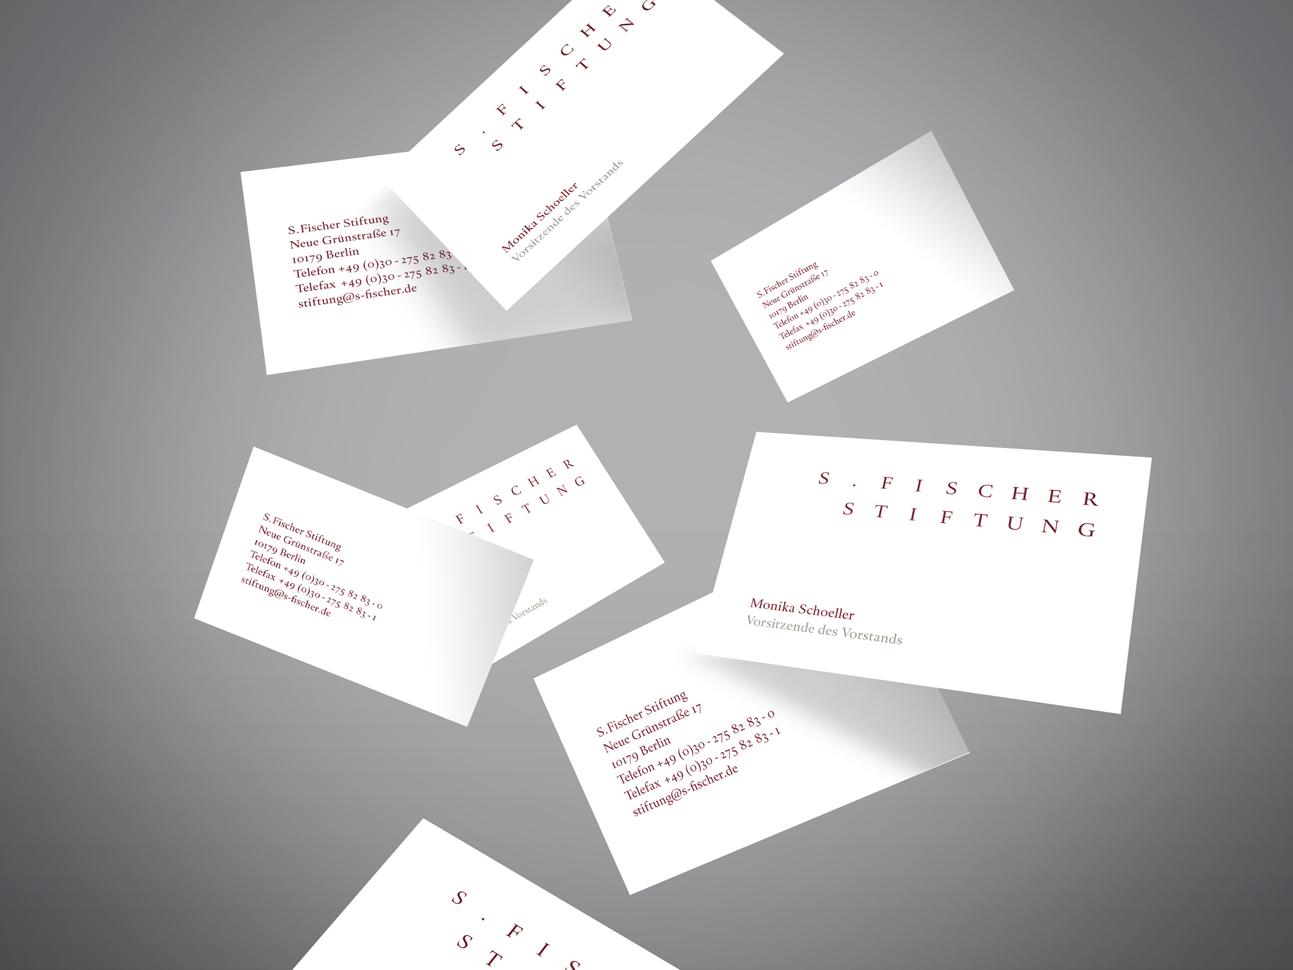 S Fischer Stiftung Berlin Martin Zech Design